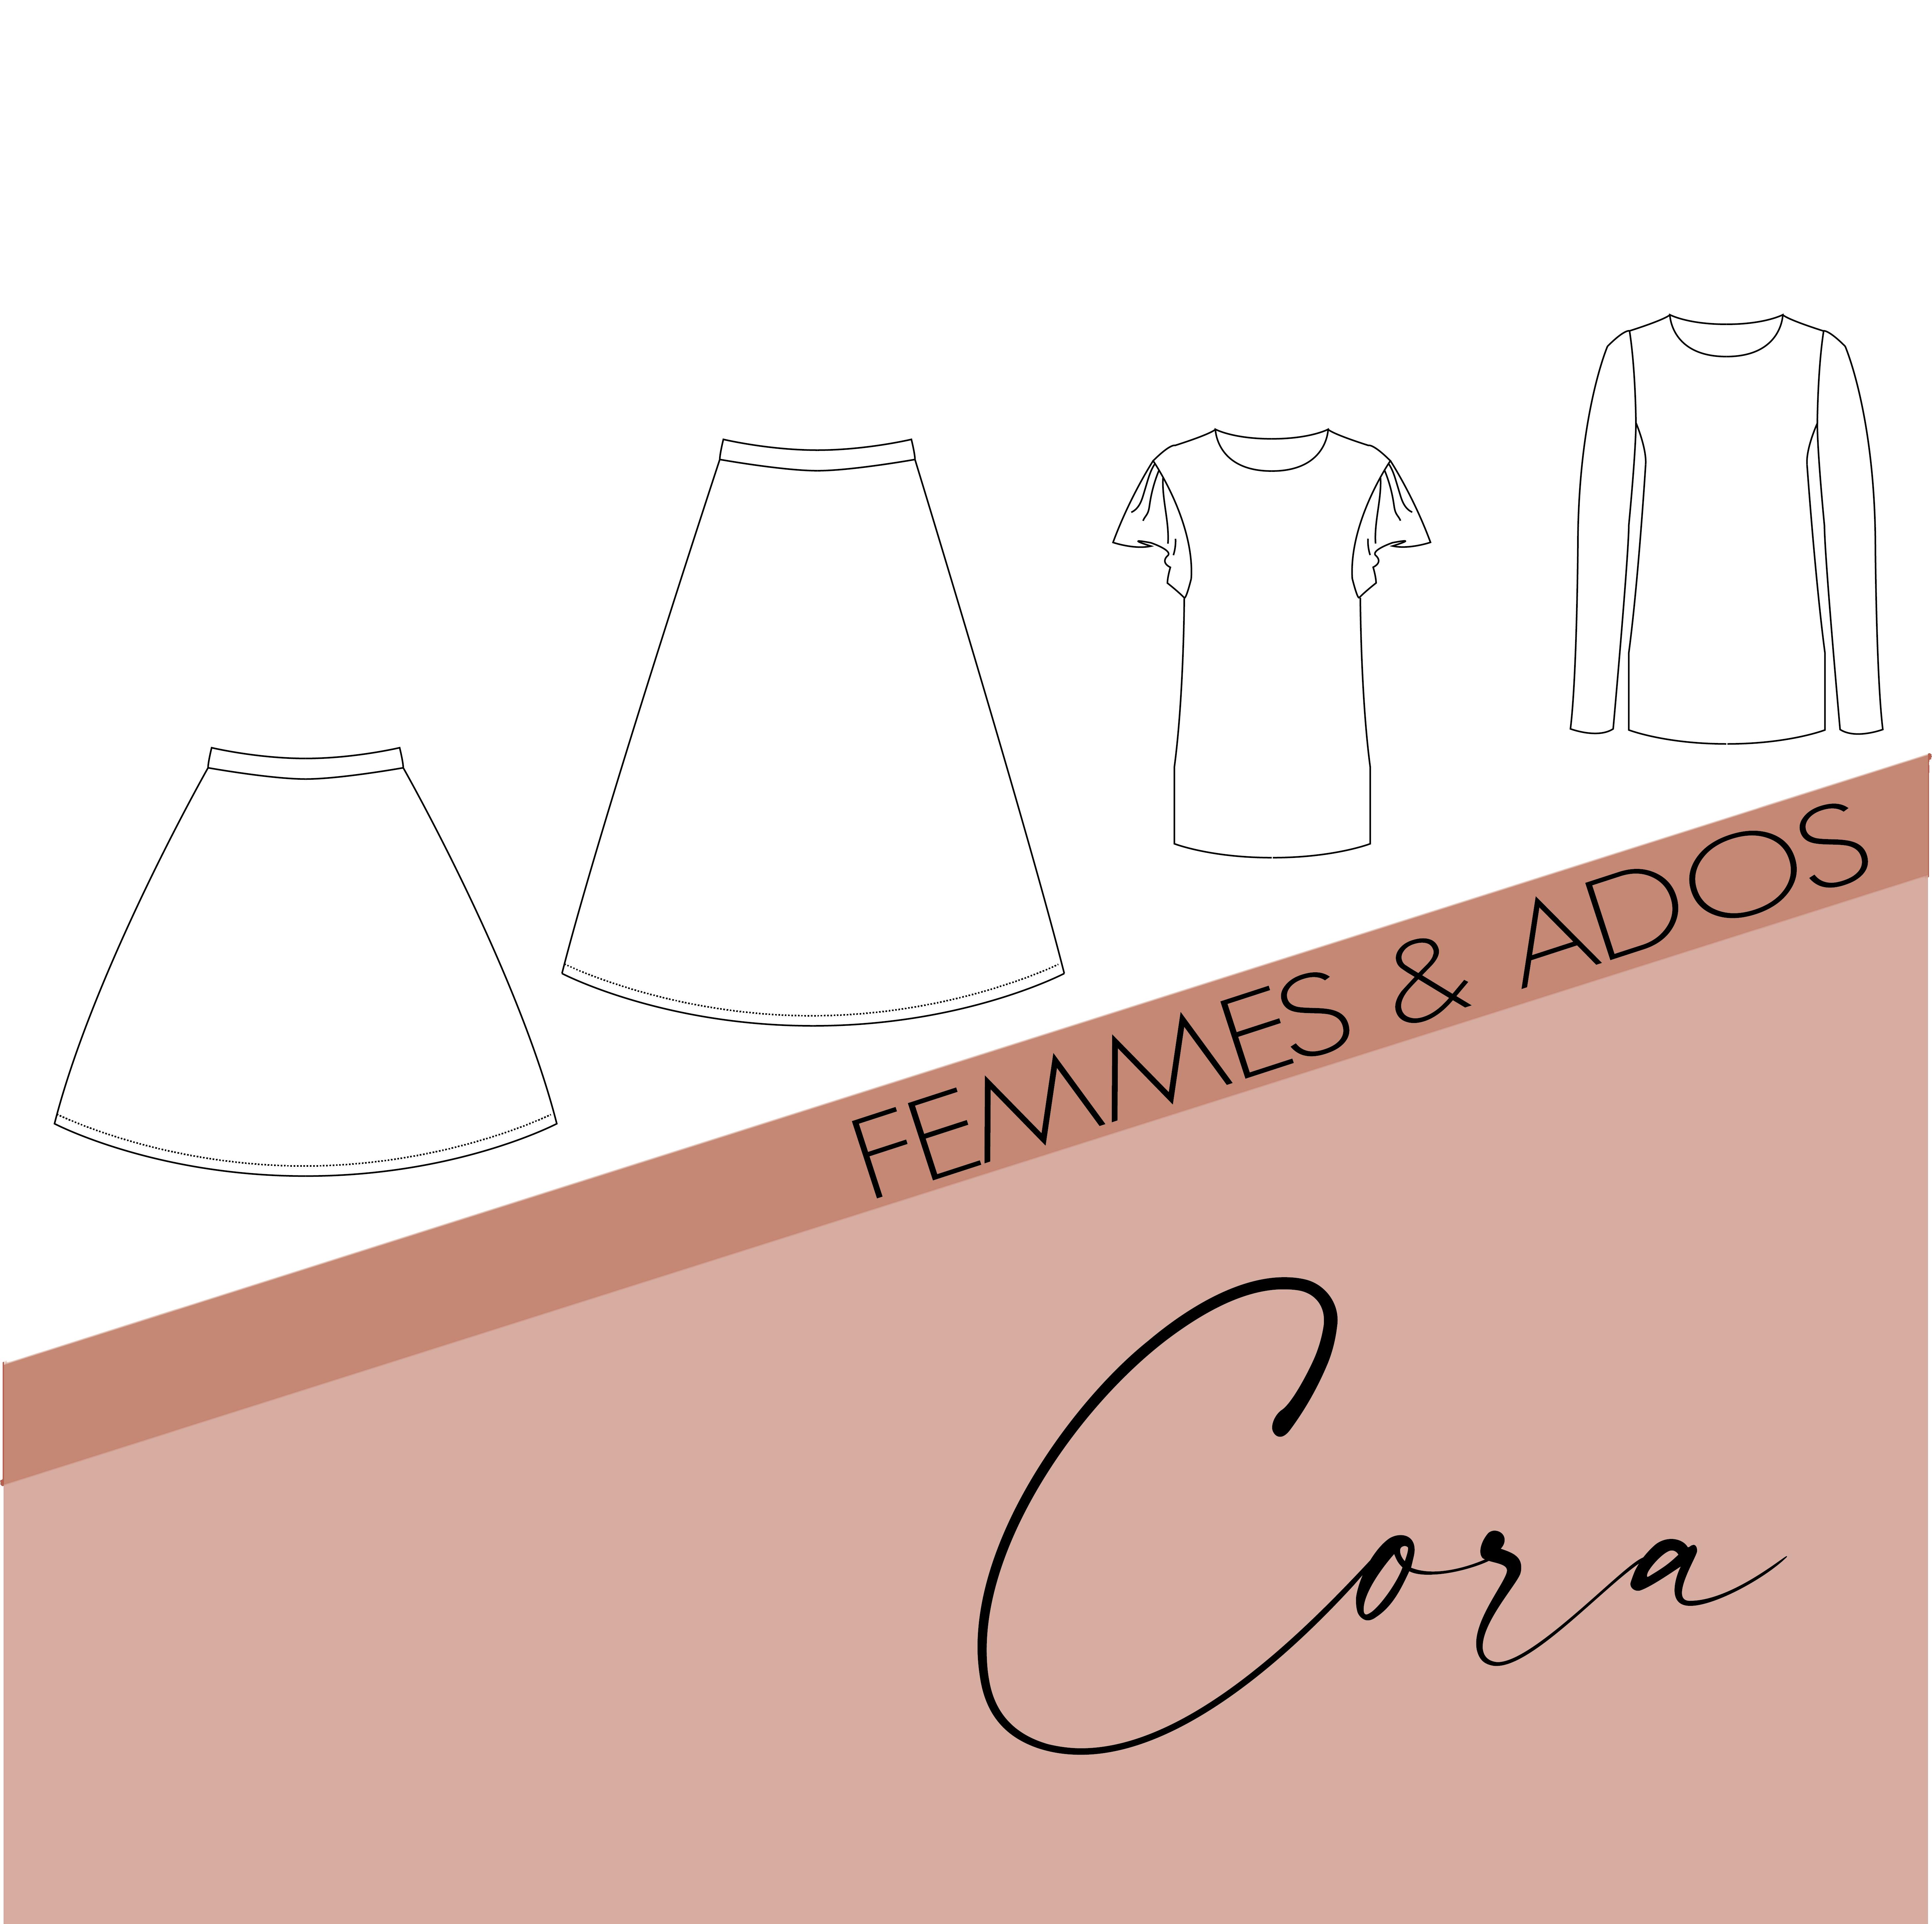 Cora - femmes & ados